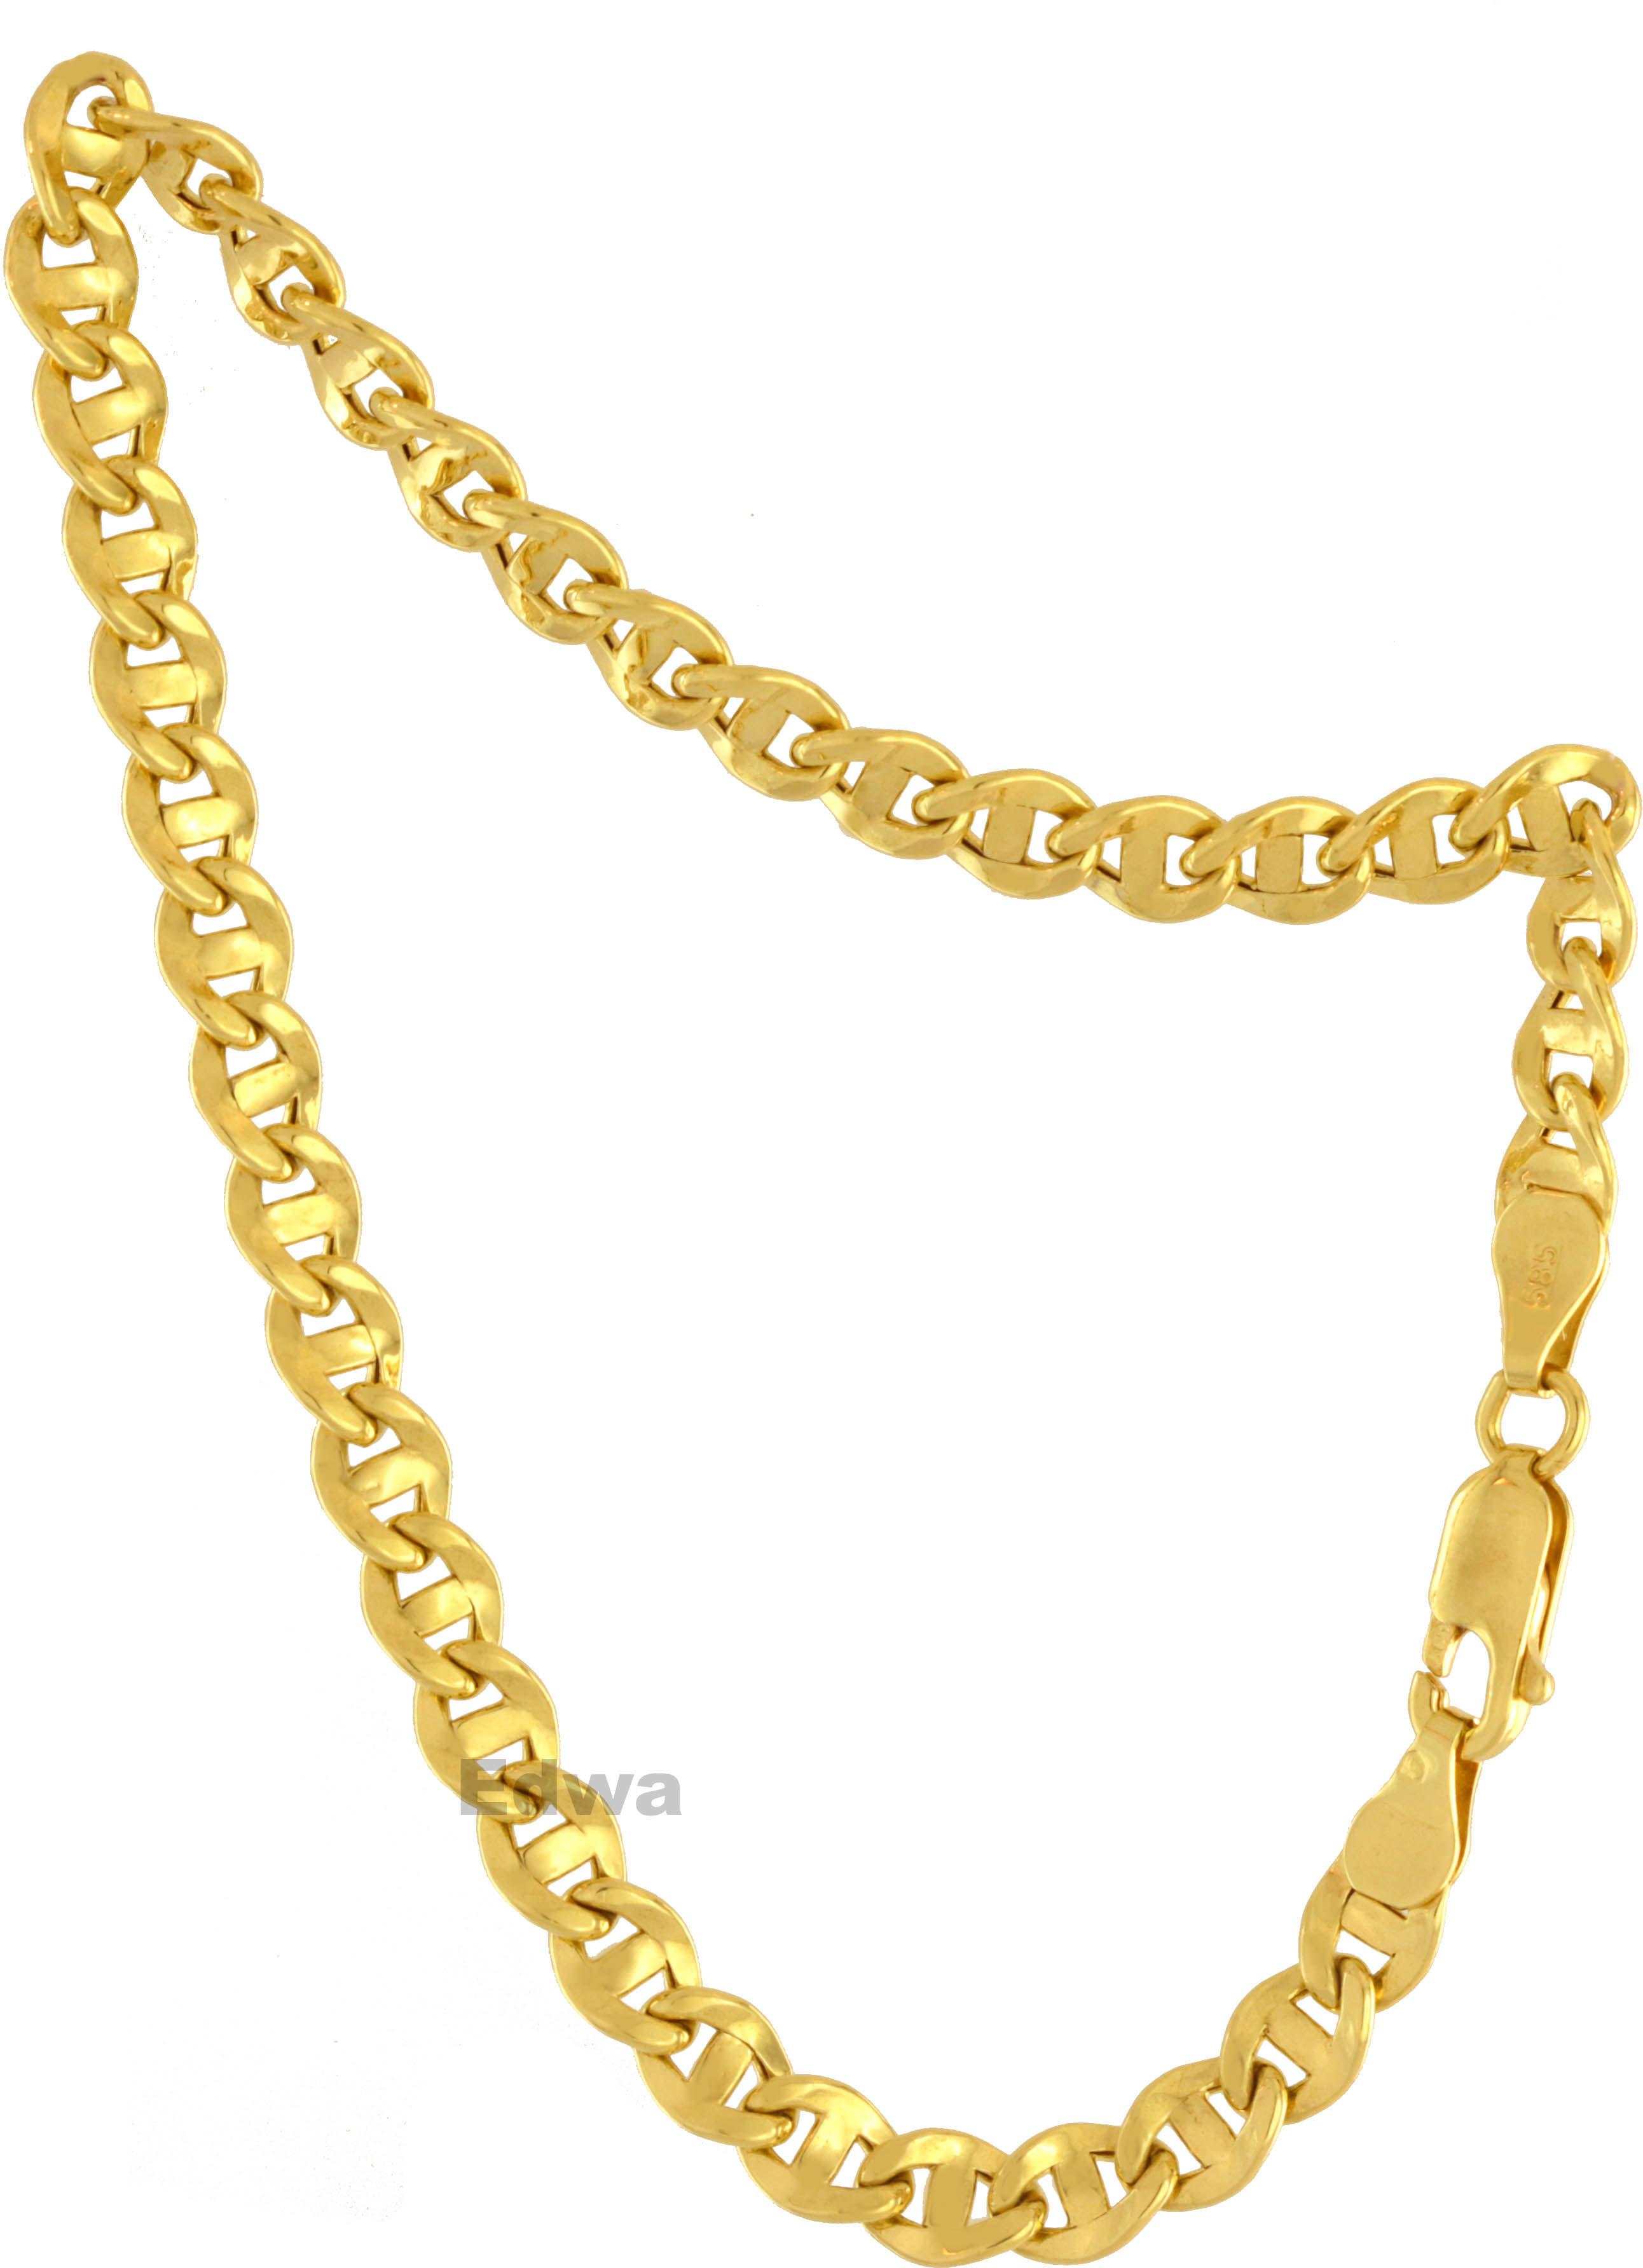 Bransoletka złota, wzór Gucci, dmuchane złoto pr.585 21 cm